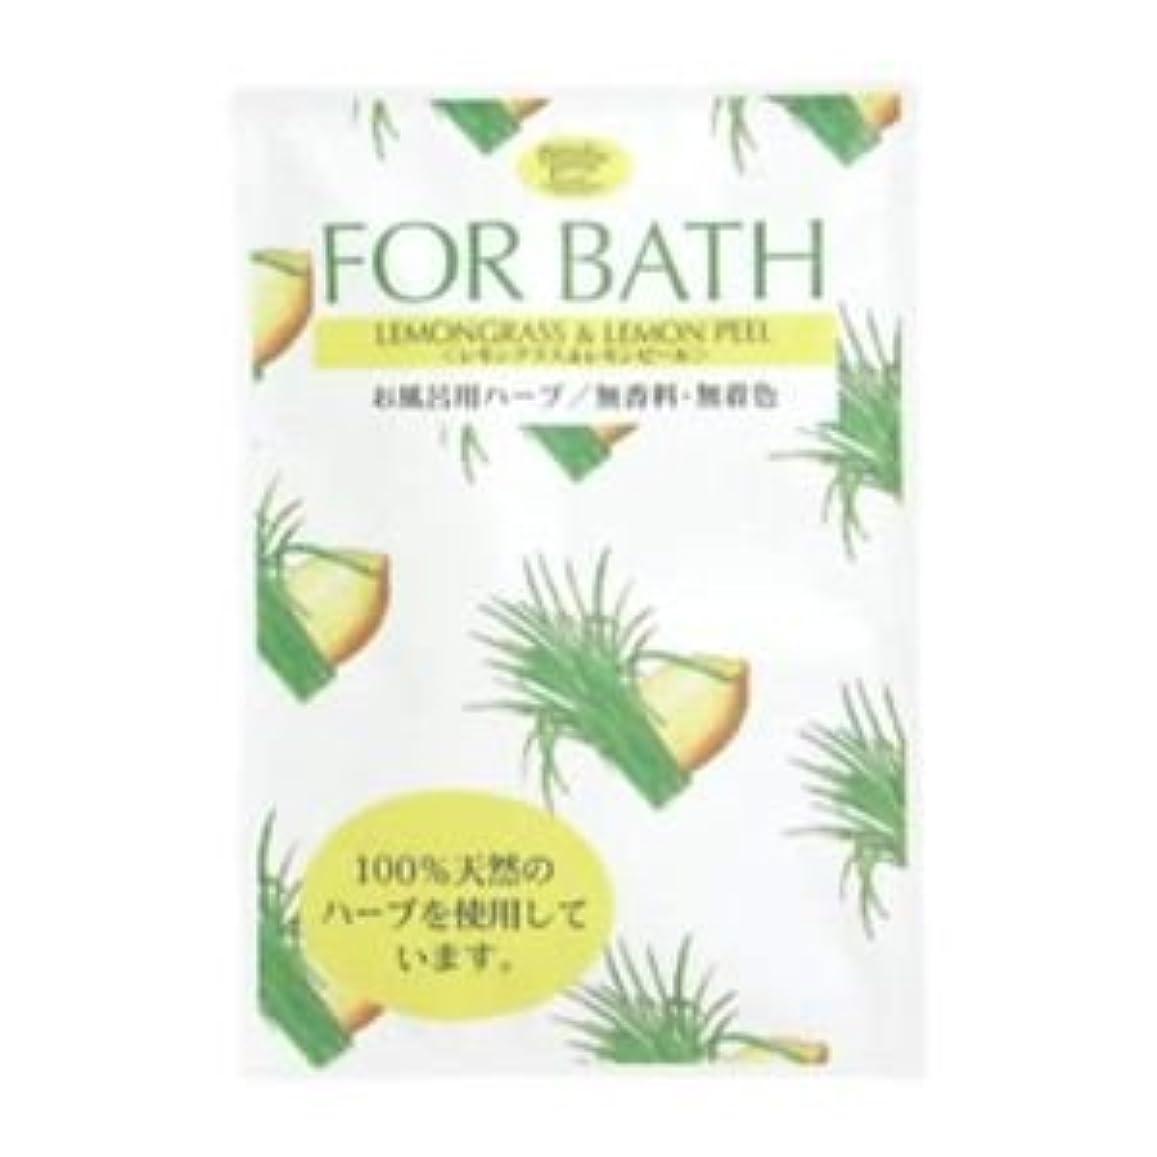 飲み込むラグポゴスティックジャンプフォアバス レモングラス&レモンピール(入浴剤 ハーブ)15セット